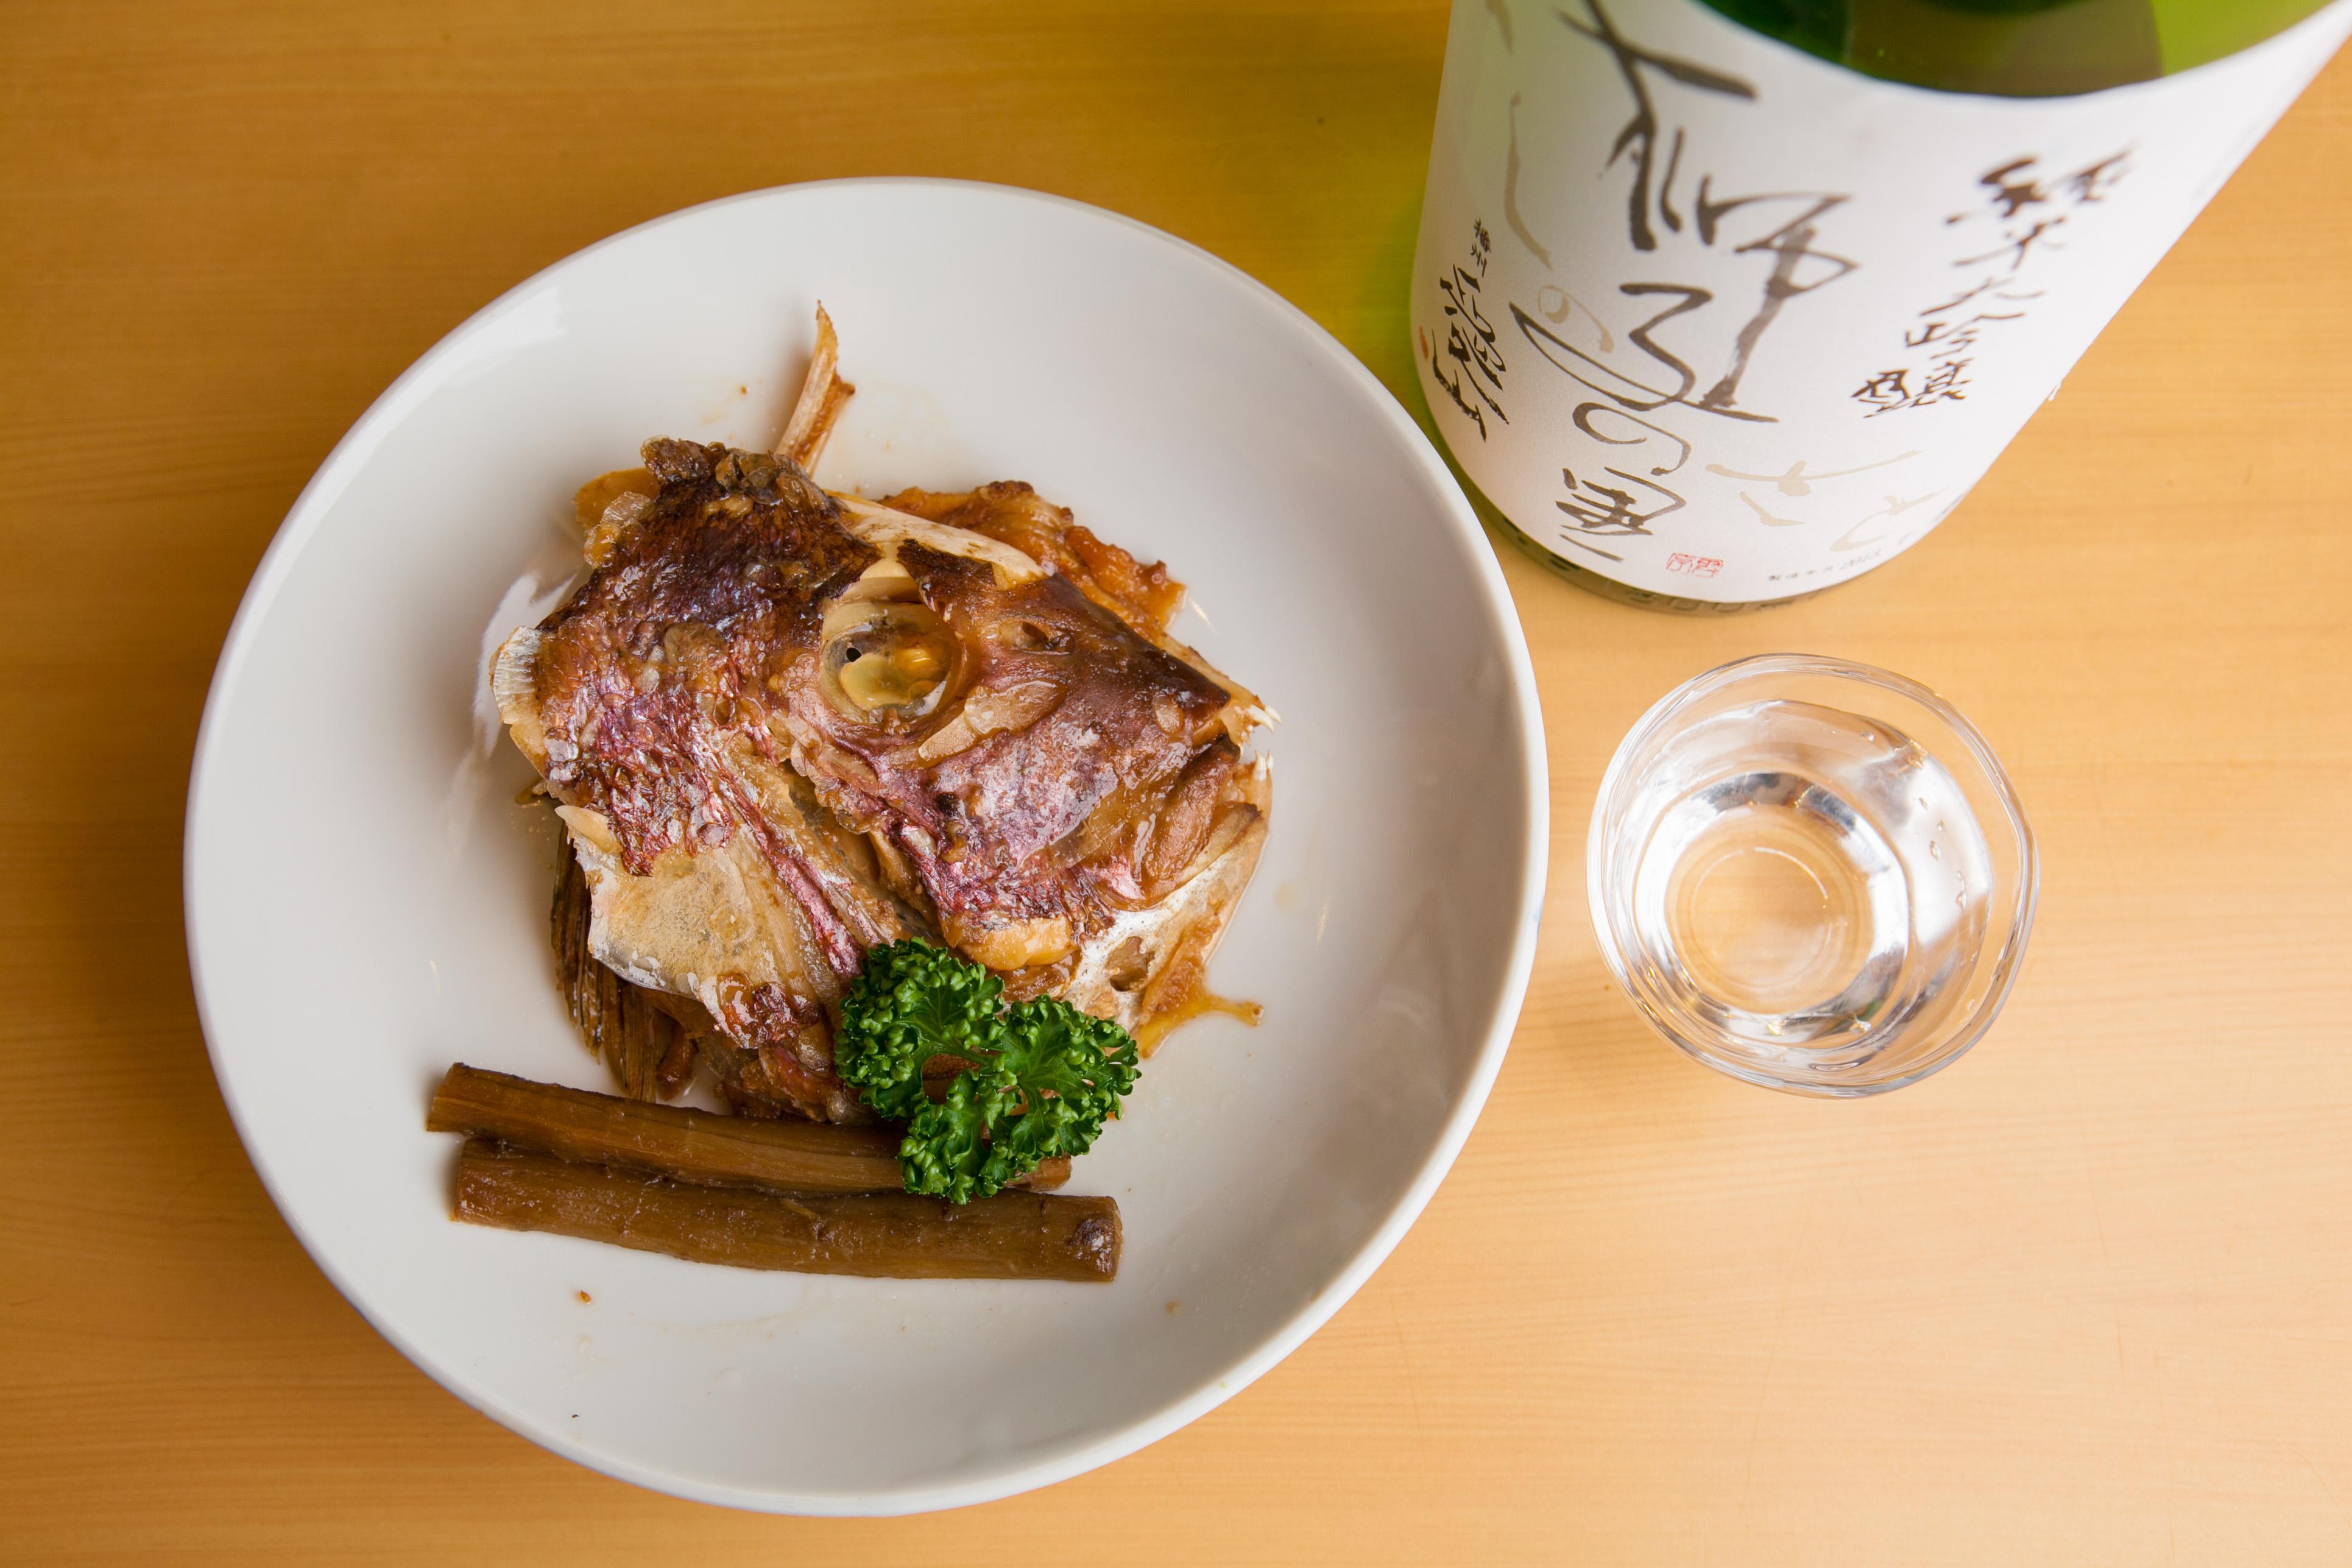 大阪・西中島南方駅の老舗寿司屋「やぐら寿し」で、寿司と一品料理を味わい尽くす!